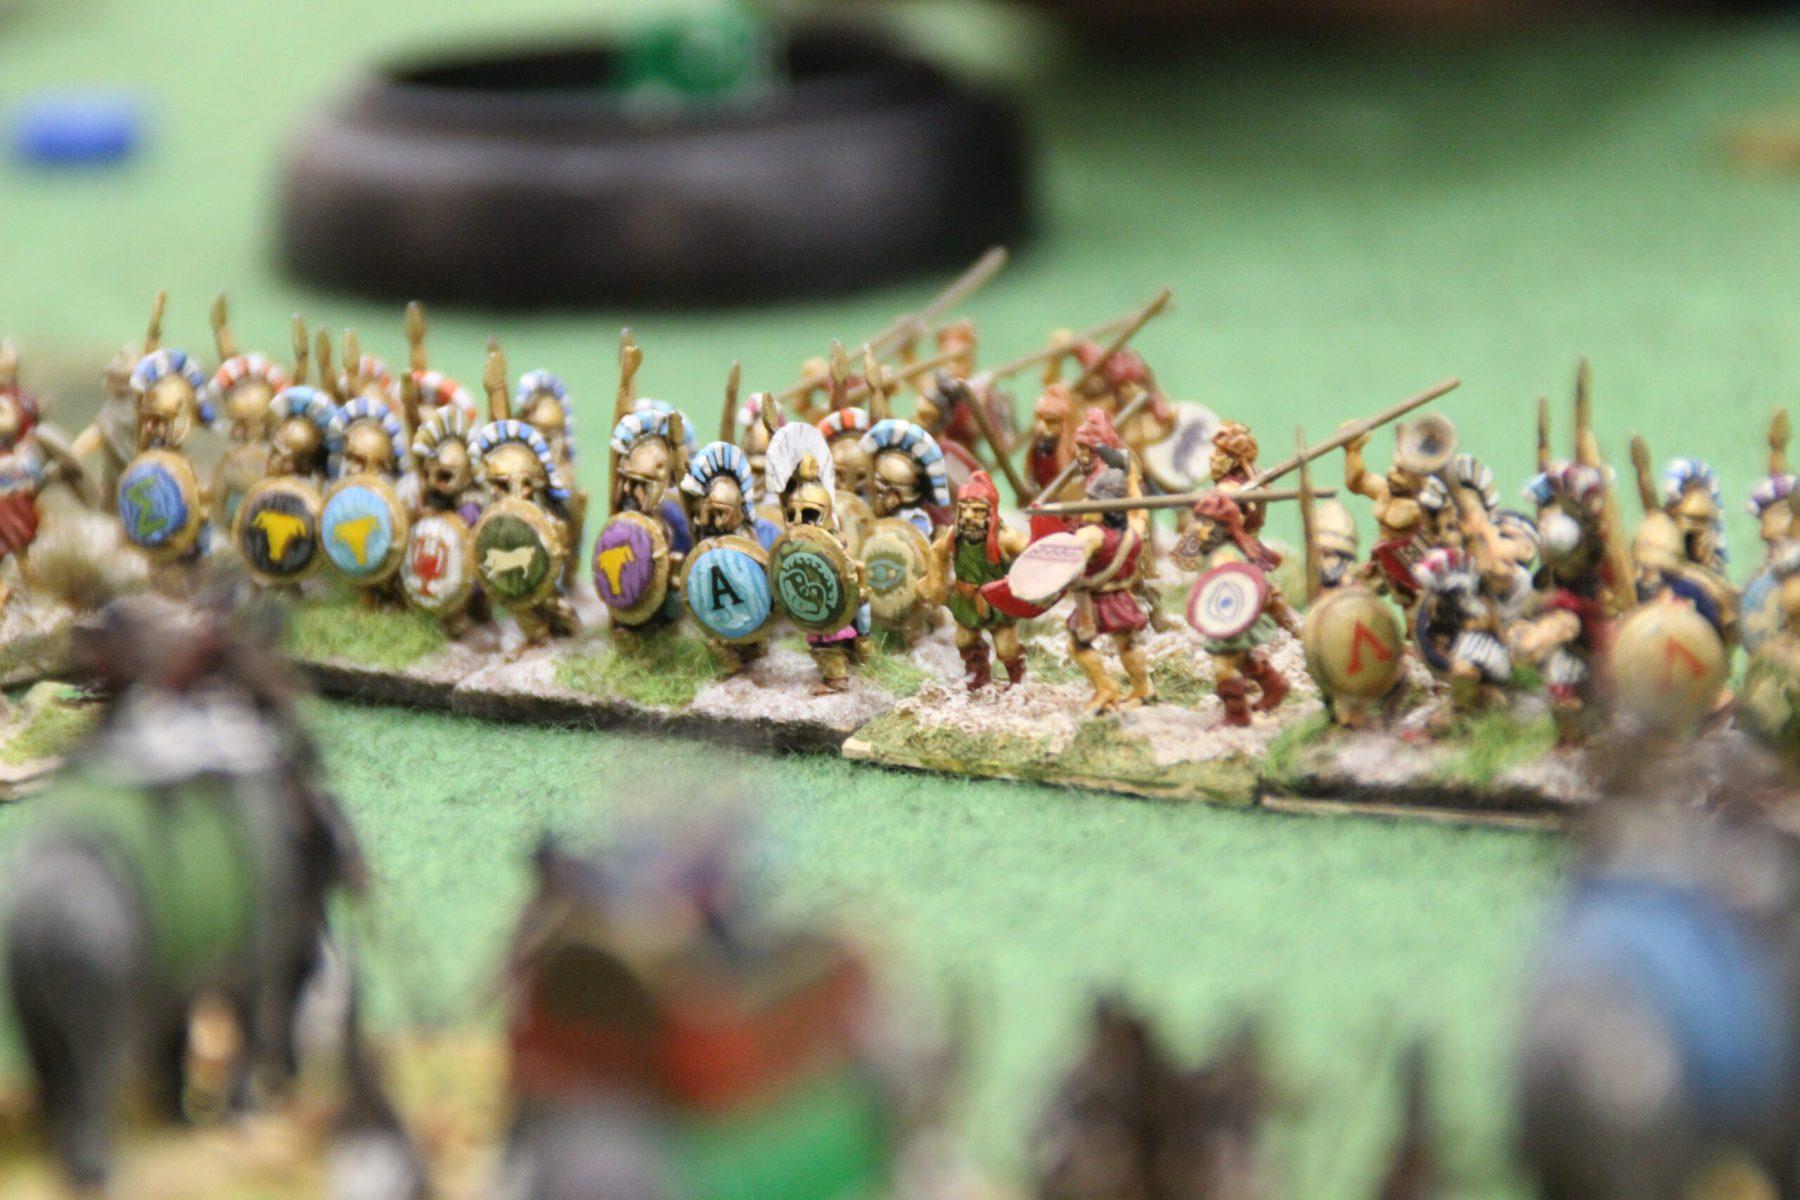 Le contact est imminent entre les éléphants Indiens et les troupes grecques !